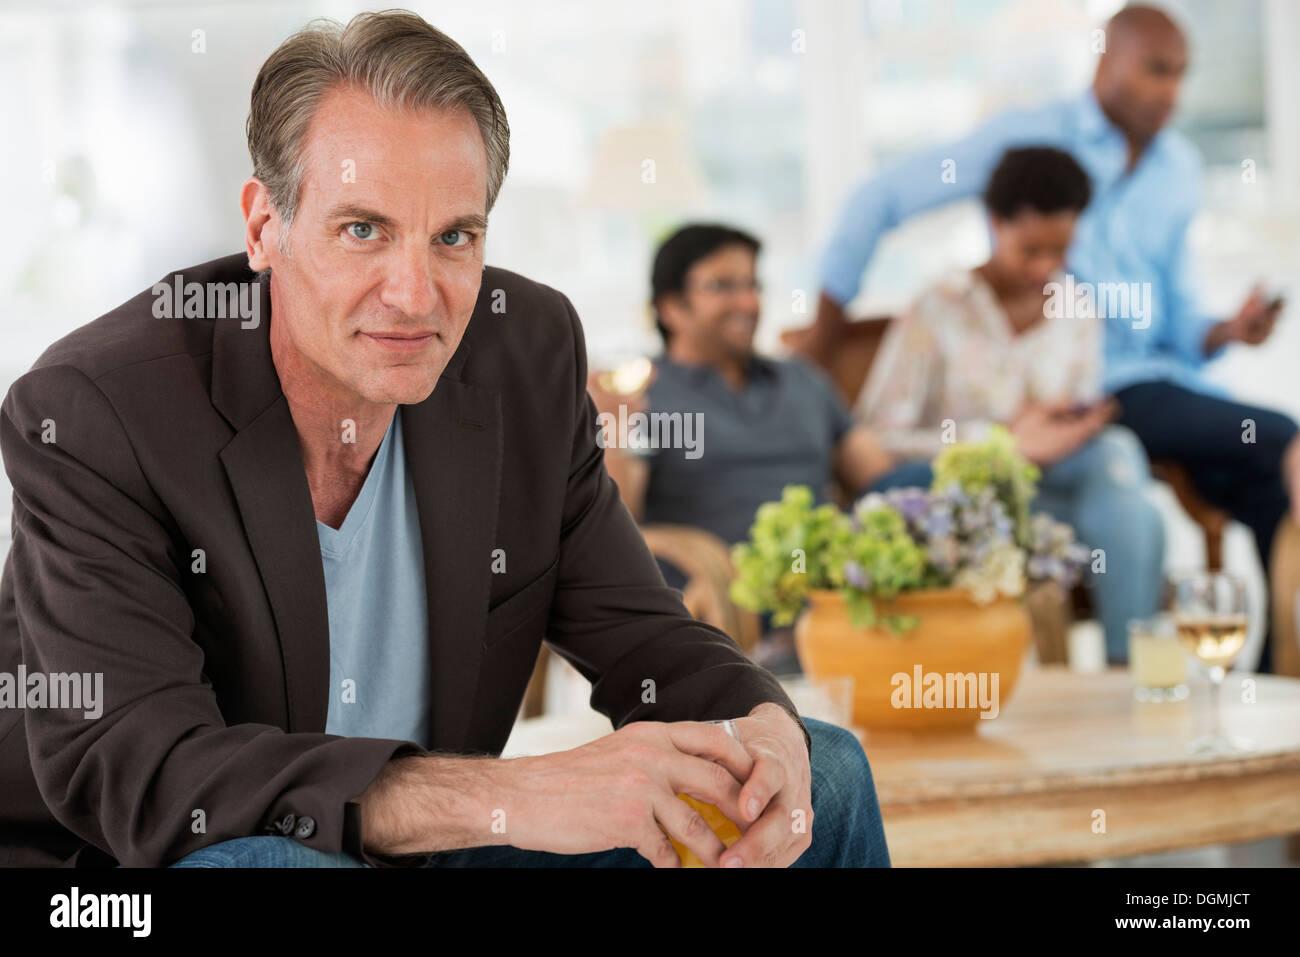 Büro Event. Ein Mann sitzt von der Gruppe entfernt. Stockbild